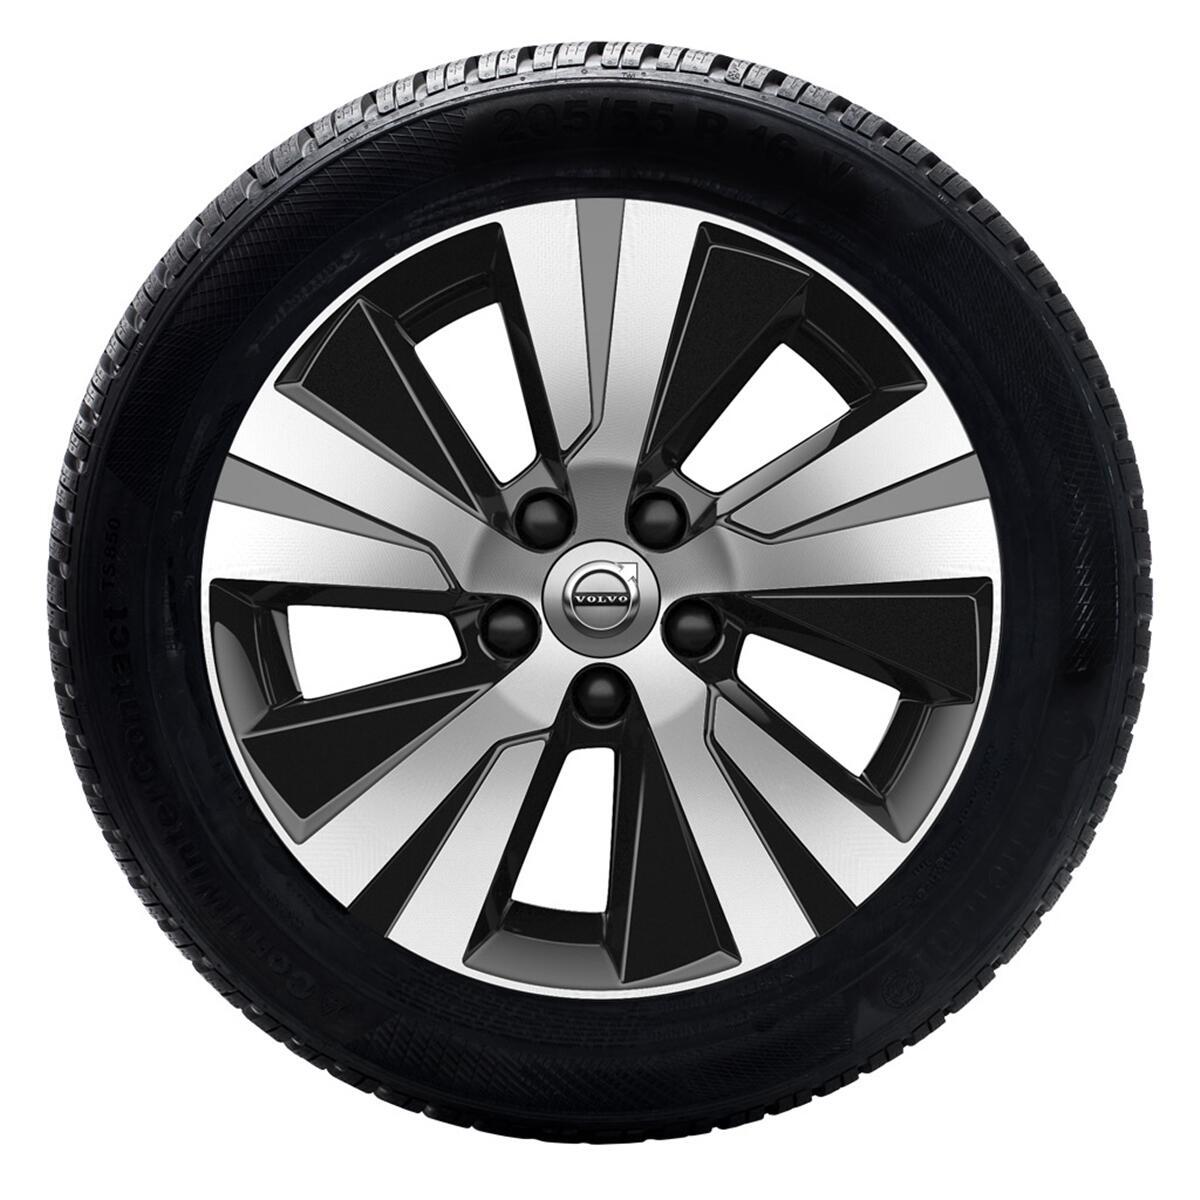 Komplet zimskih kotača:   16'', gume Nokian